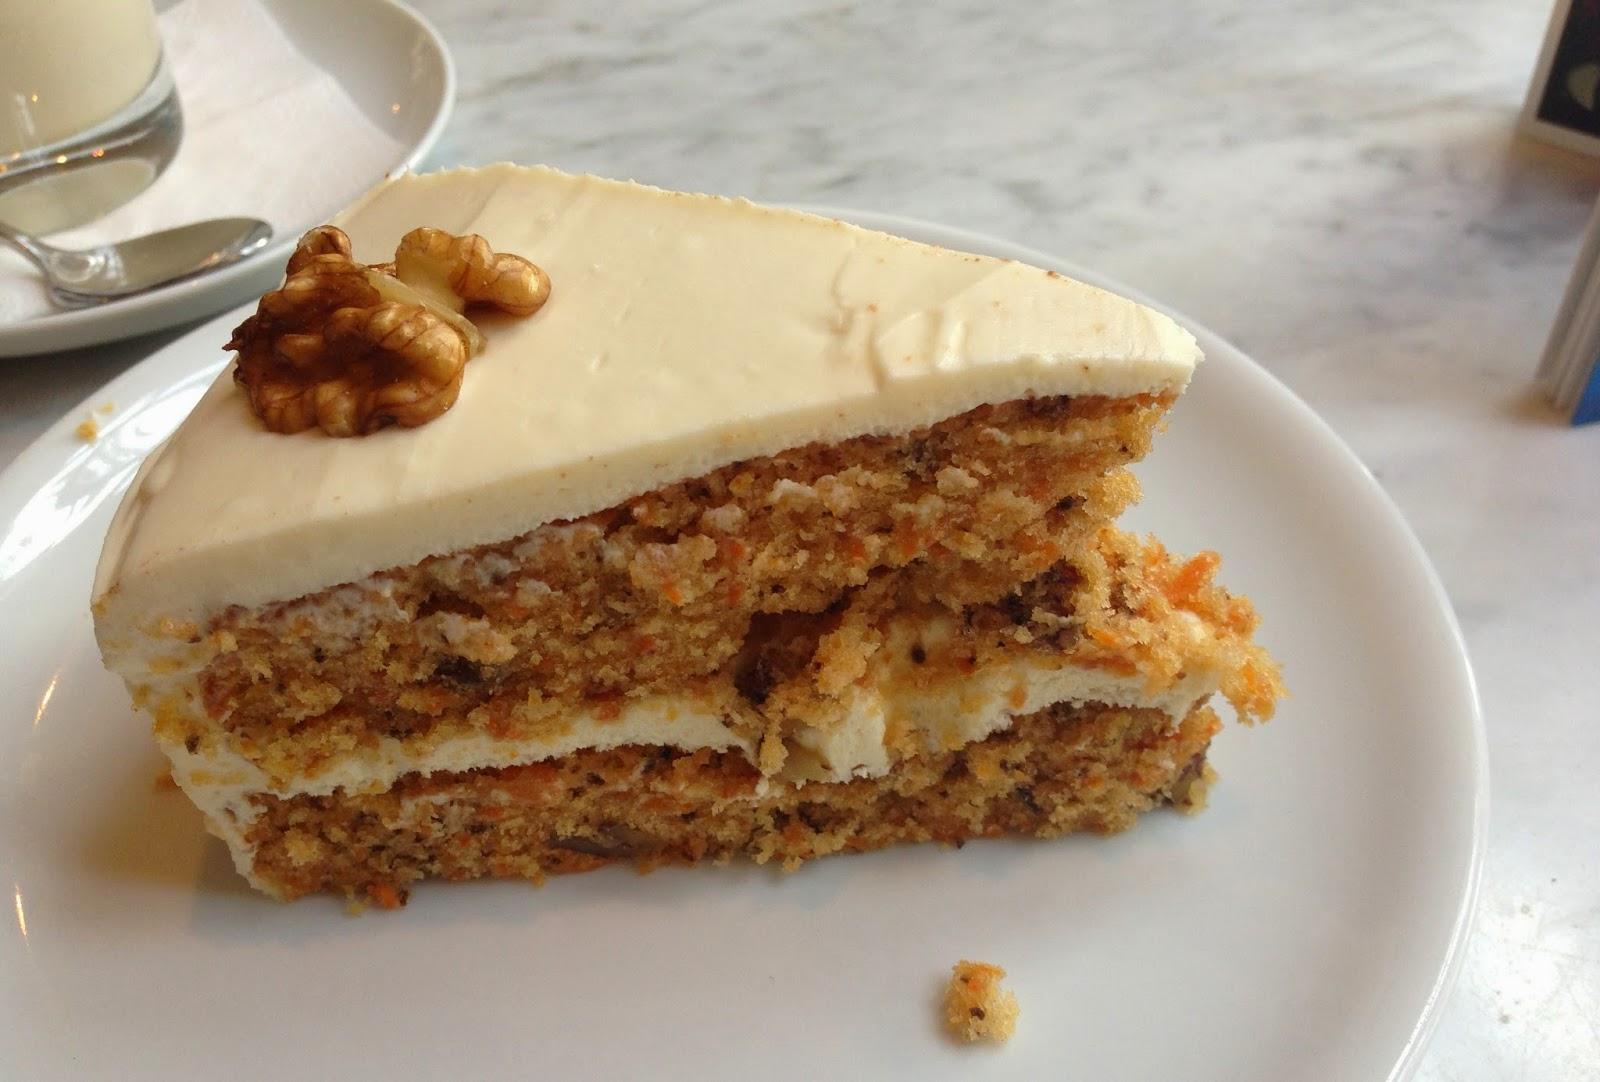 carrot cake café barcelona sandwichería postres magica barcelona dulces restaurantes merienda